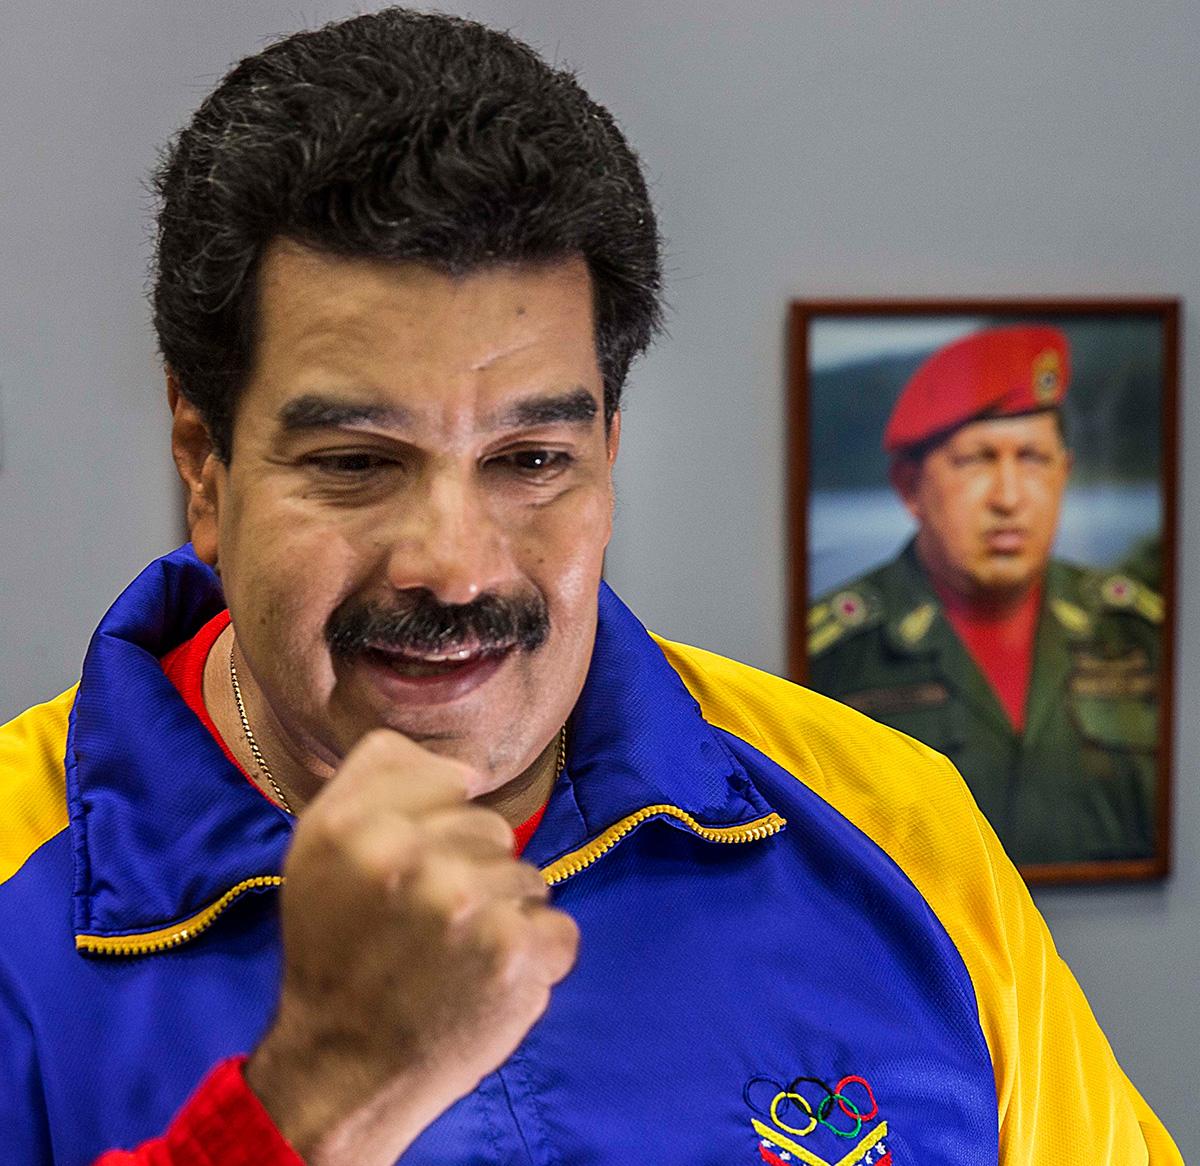 Maduro também será colocado num acelerador de partículas para testar até onde vai sua resistência no cargo